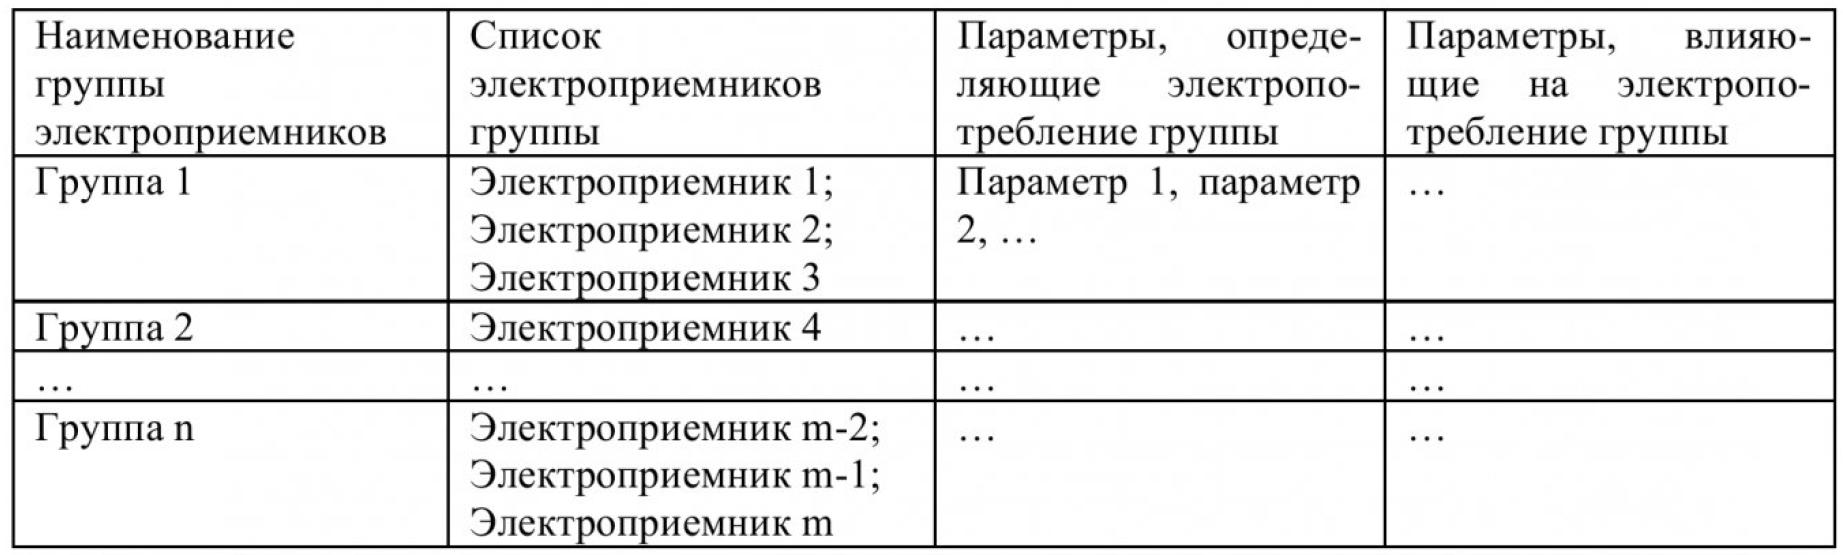 Методика выбора входных параметров, влияющих на величину электропотребления промышленного предприятия, при создании его прогнозной модели на основе искусственной нейронной сети 1